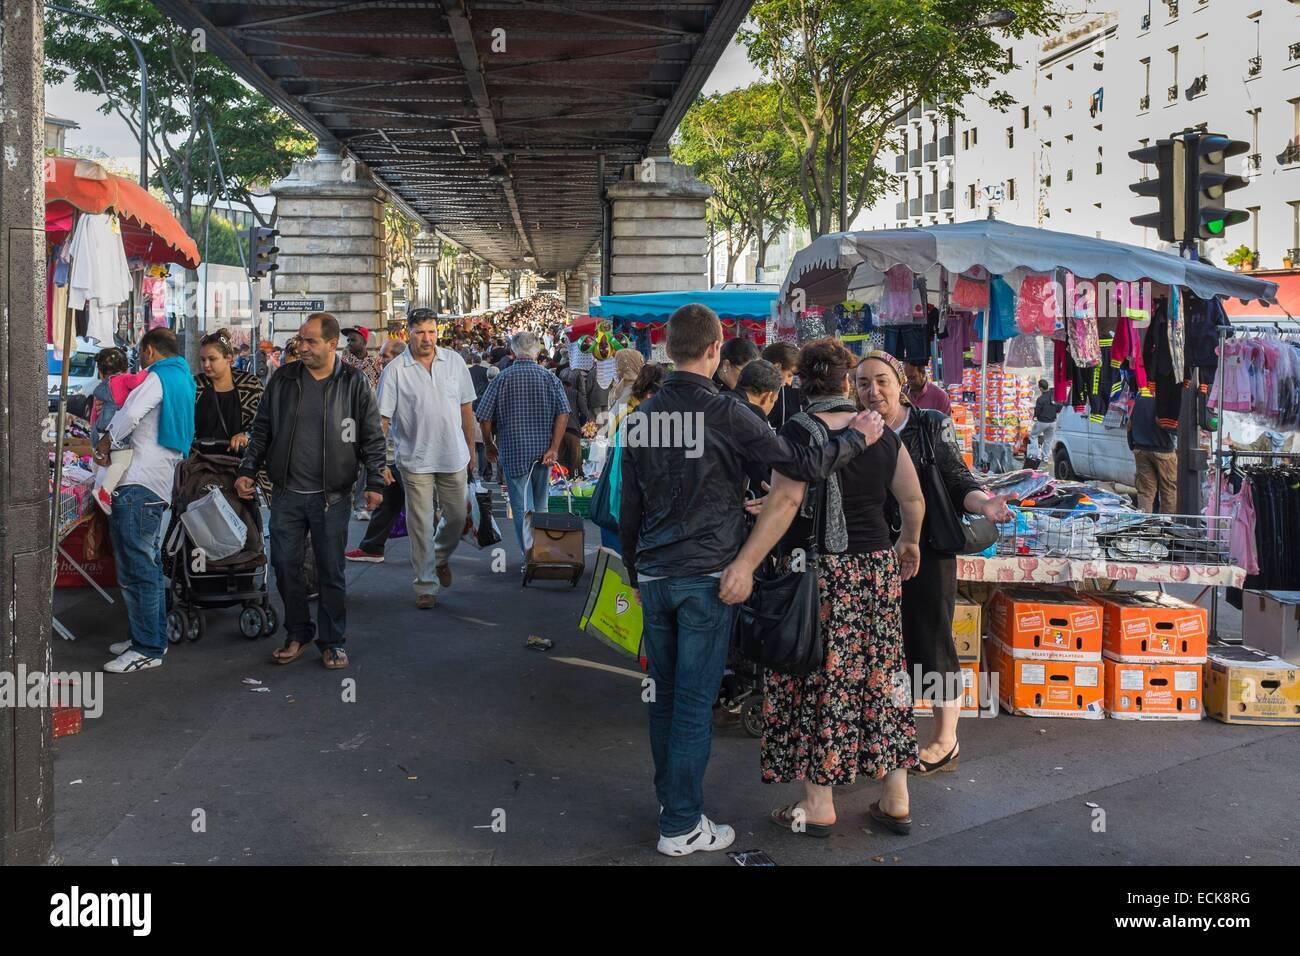 france paris boulevard de la chapelle barbes market under the stock photo 76641364 alamy. Black Bedroom Furniture Sets. Home Design Ideas